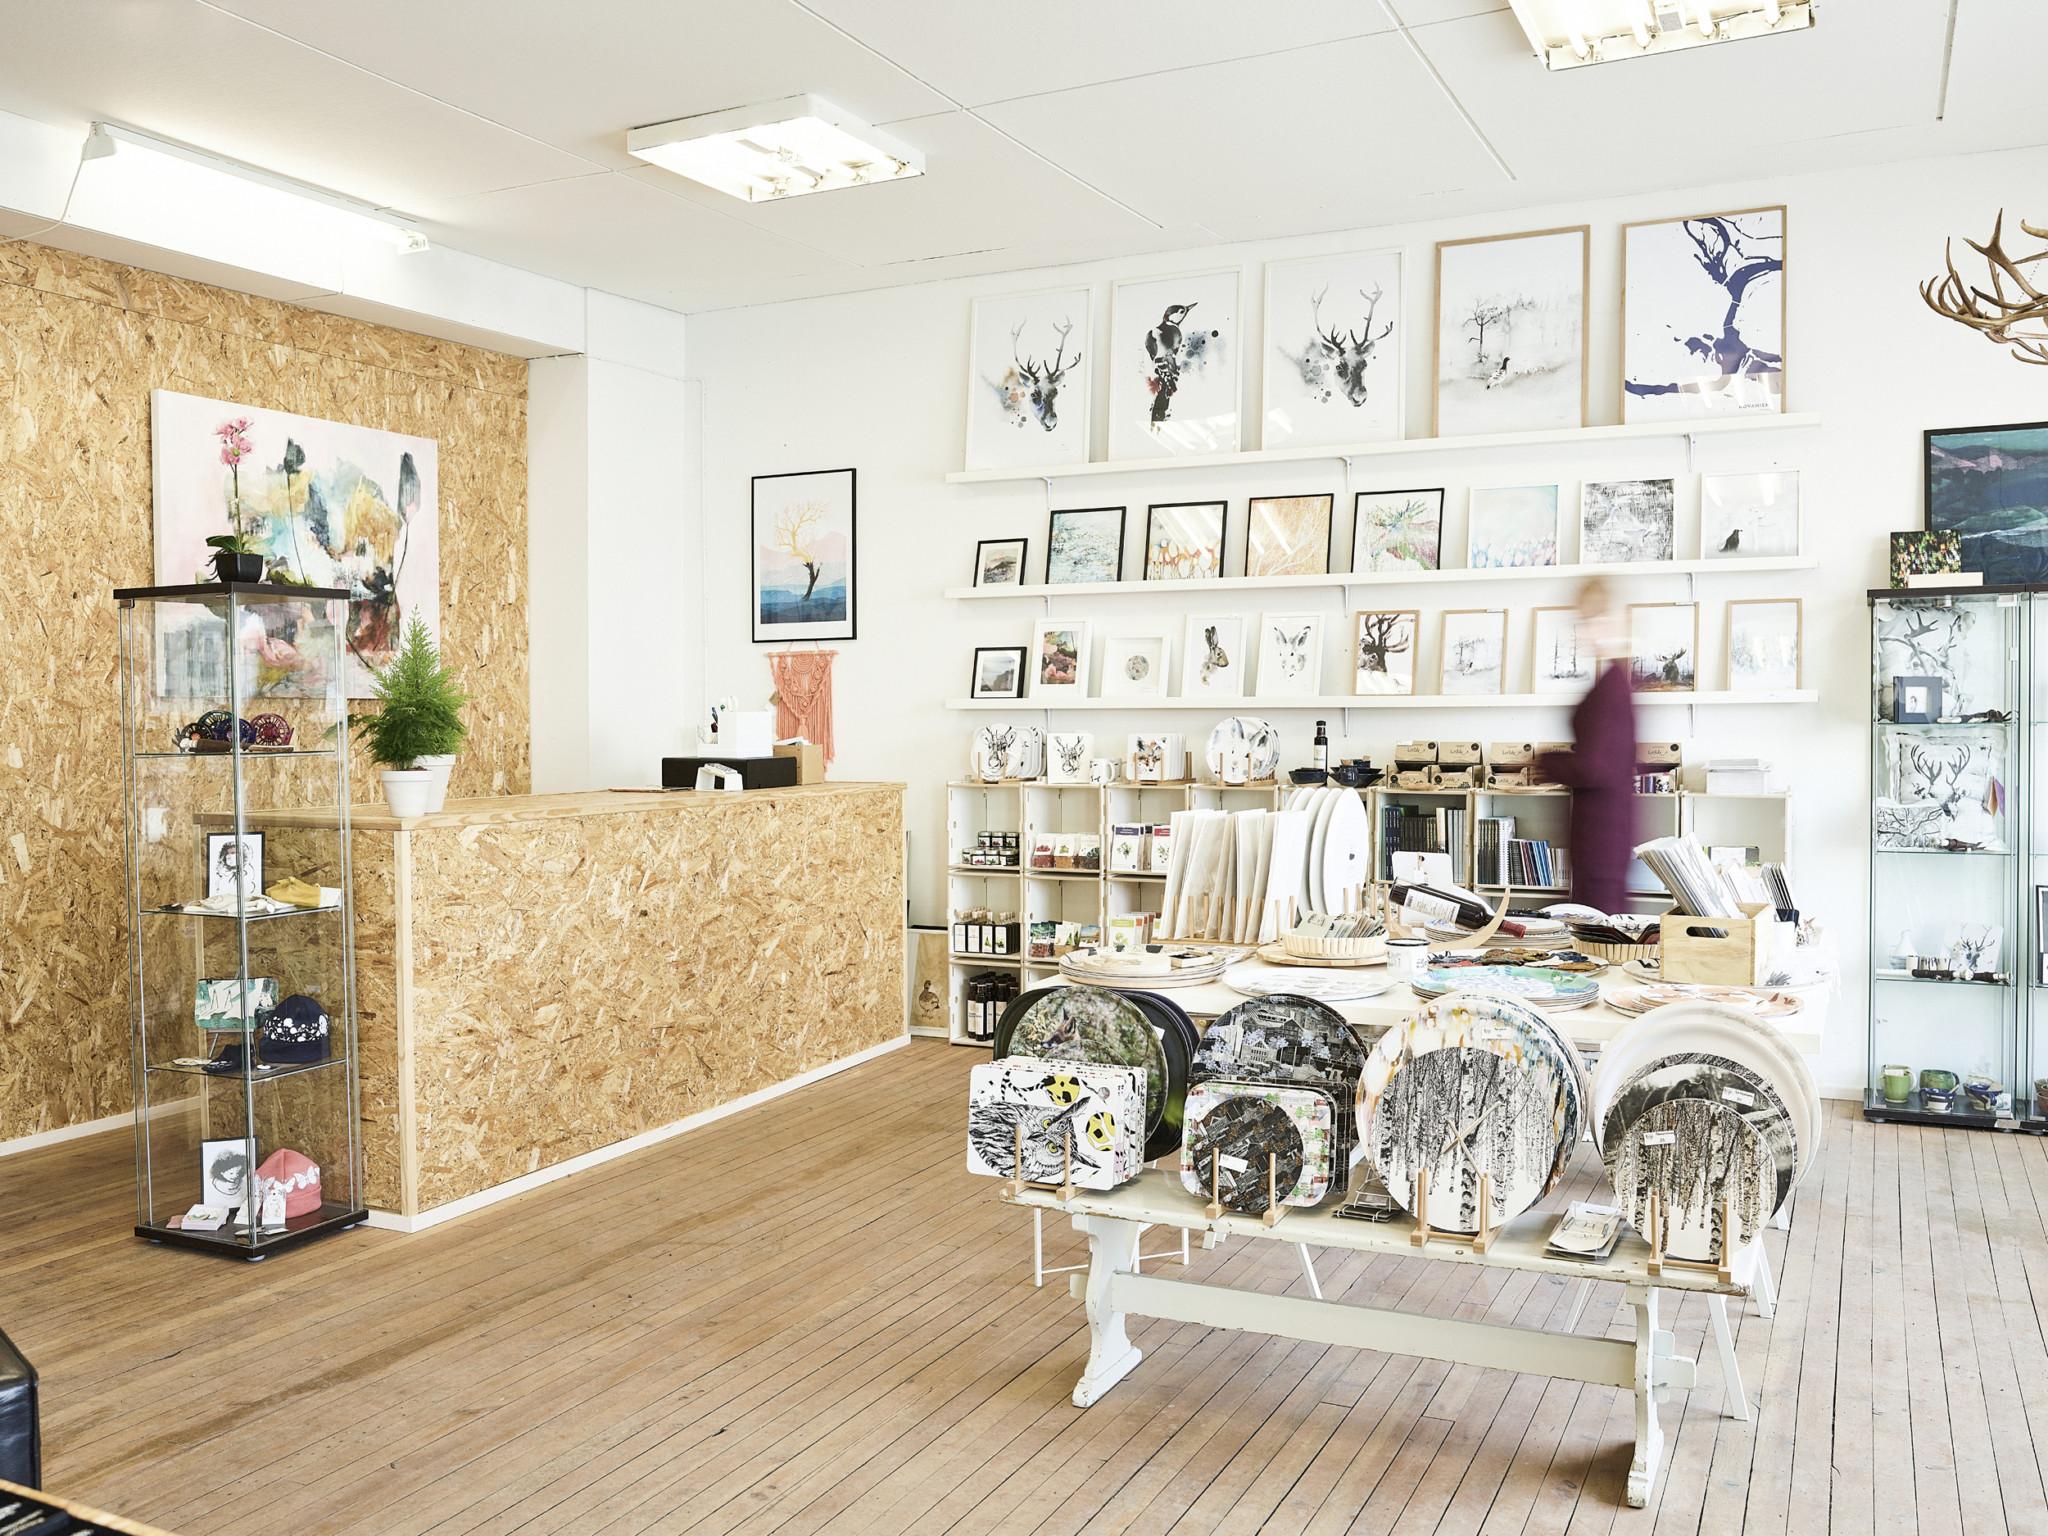 Arctic Design Shop in Rovaniemi, Lapland, Finland